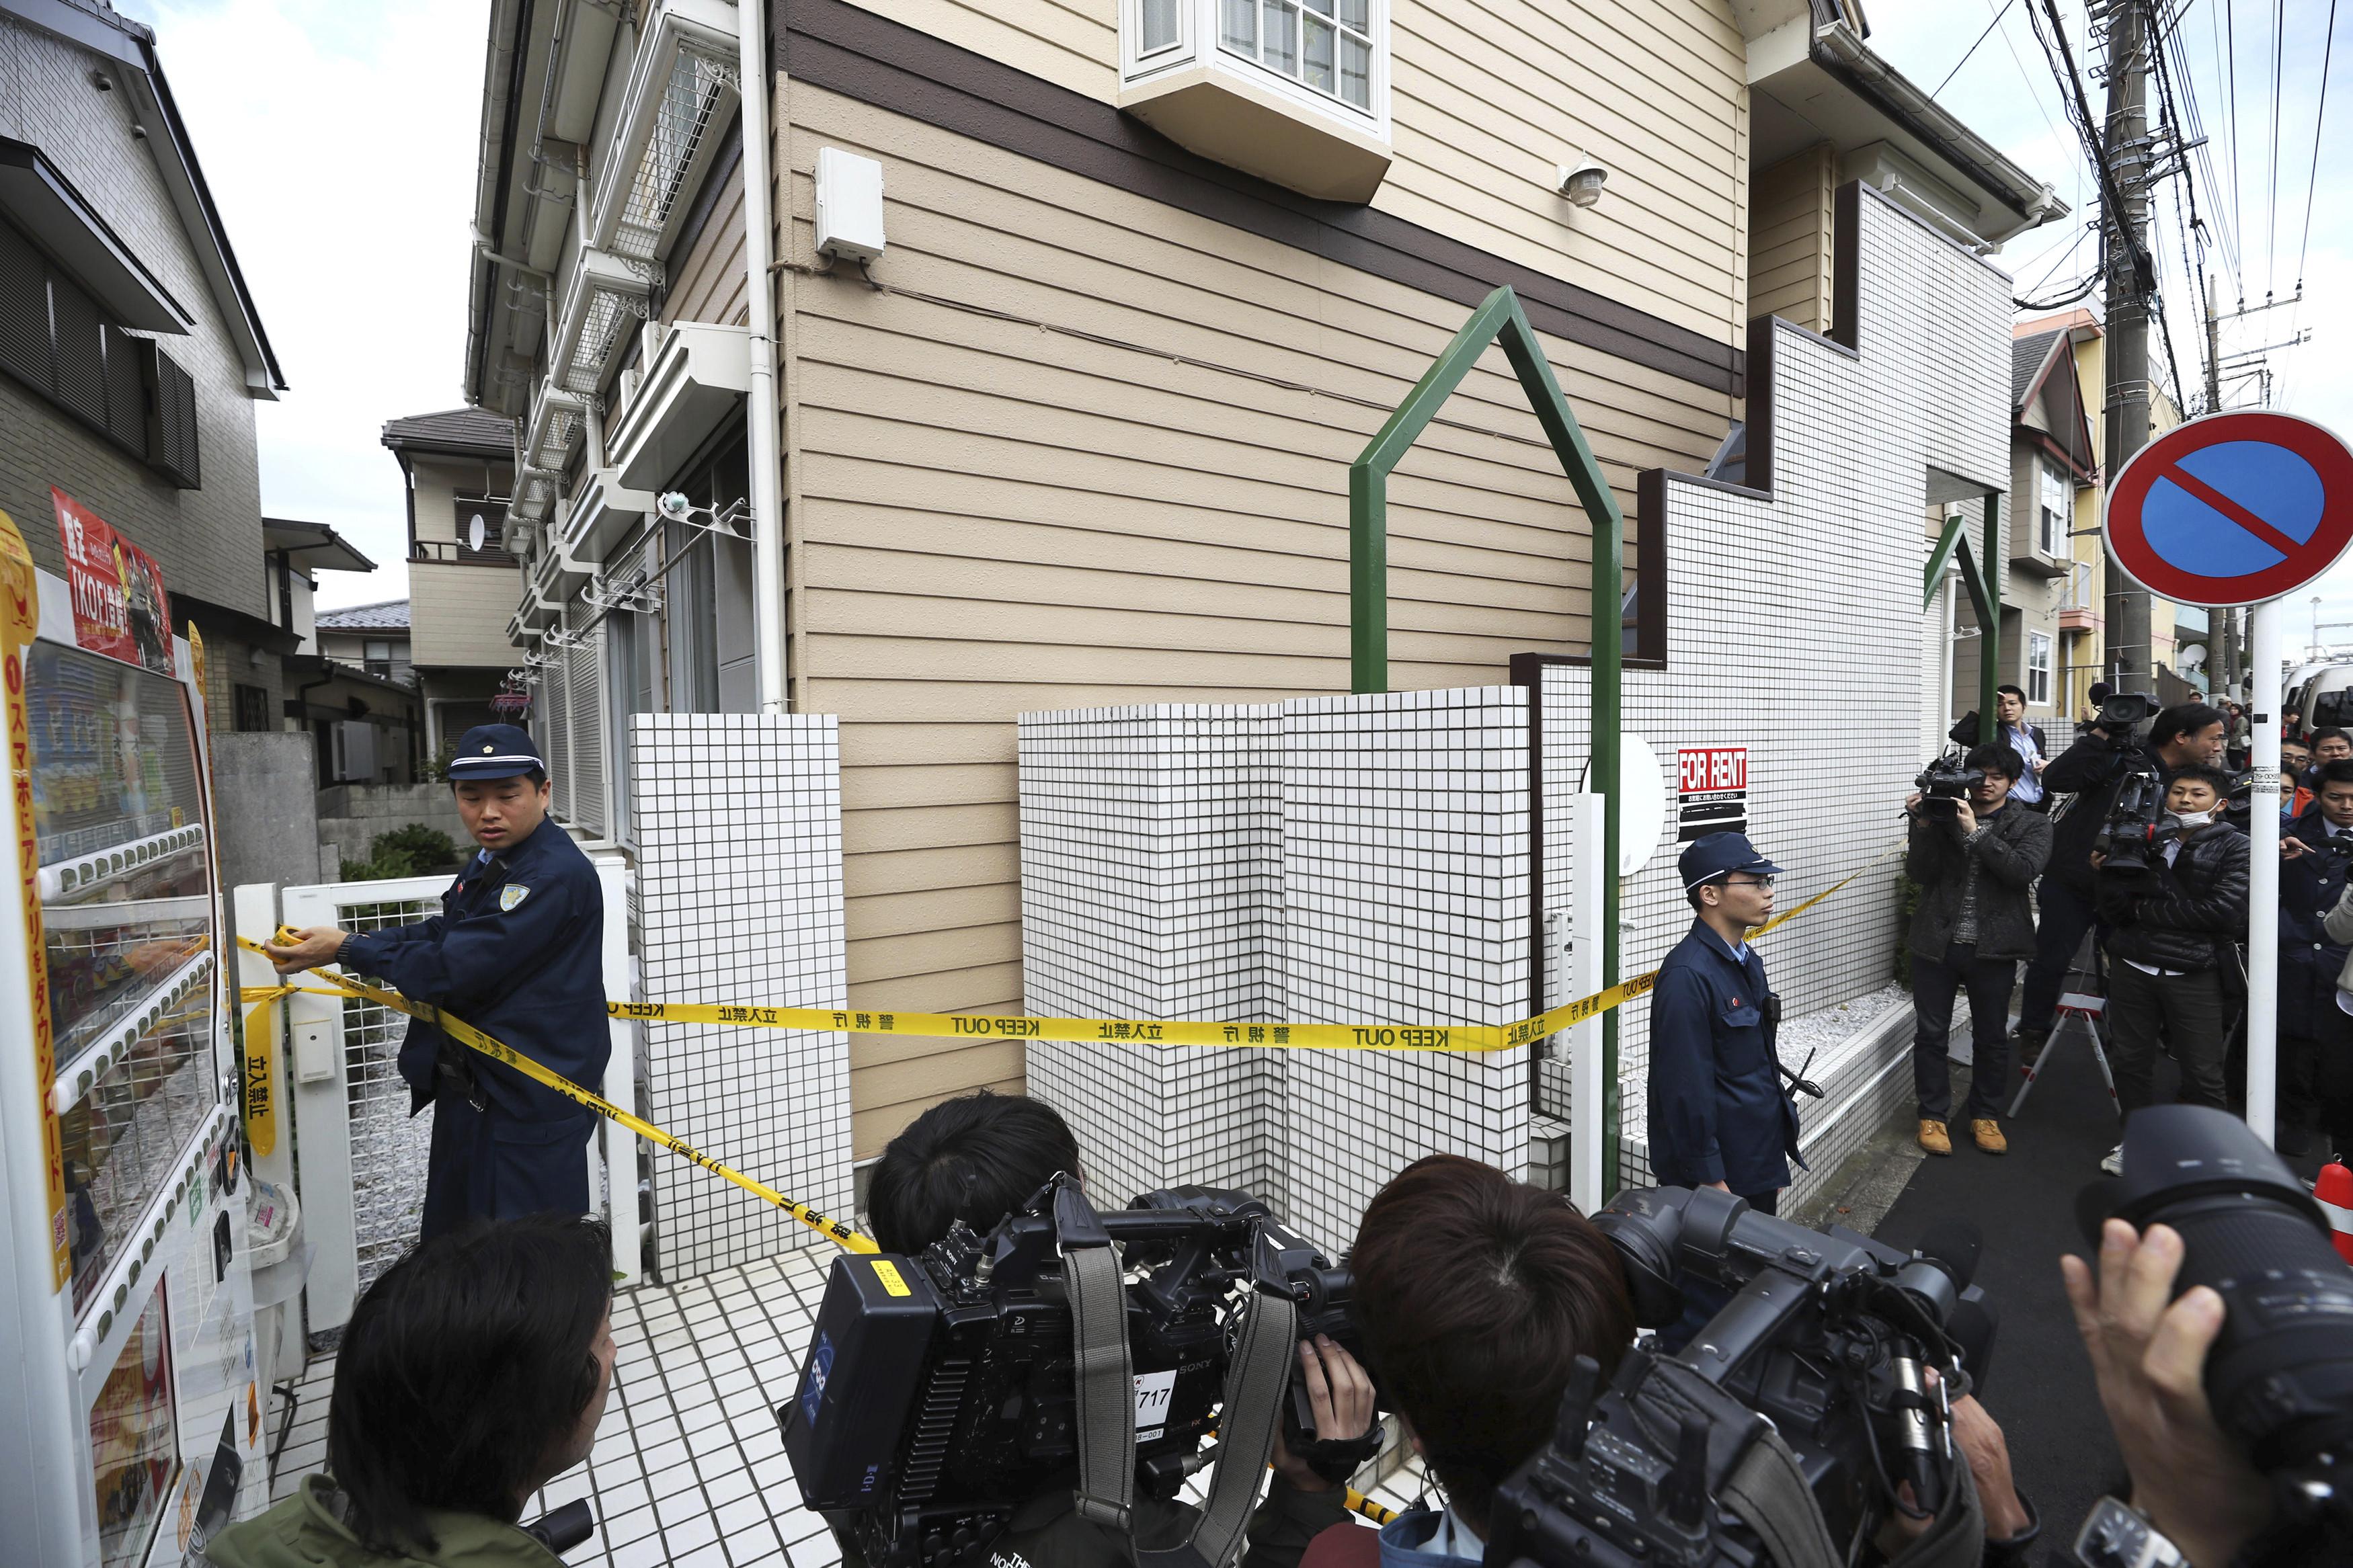 日本27歲男子白石隆浩涉嫌殺害9人分屍。(圖/達志影像/美聯社)